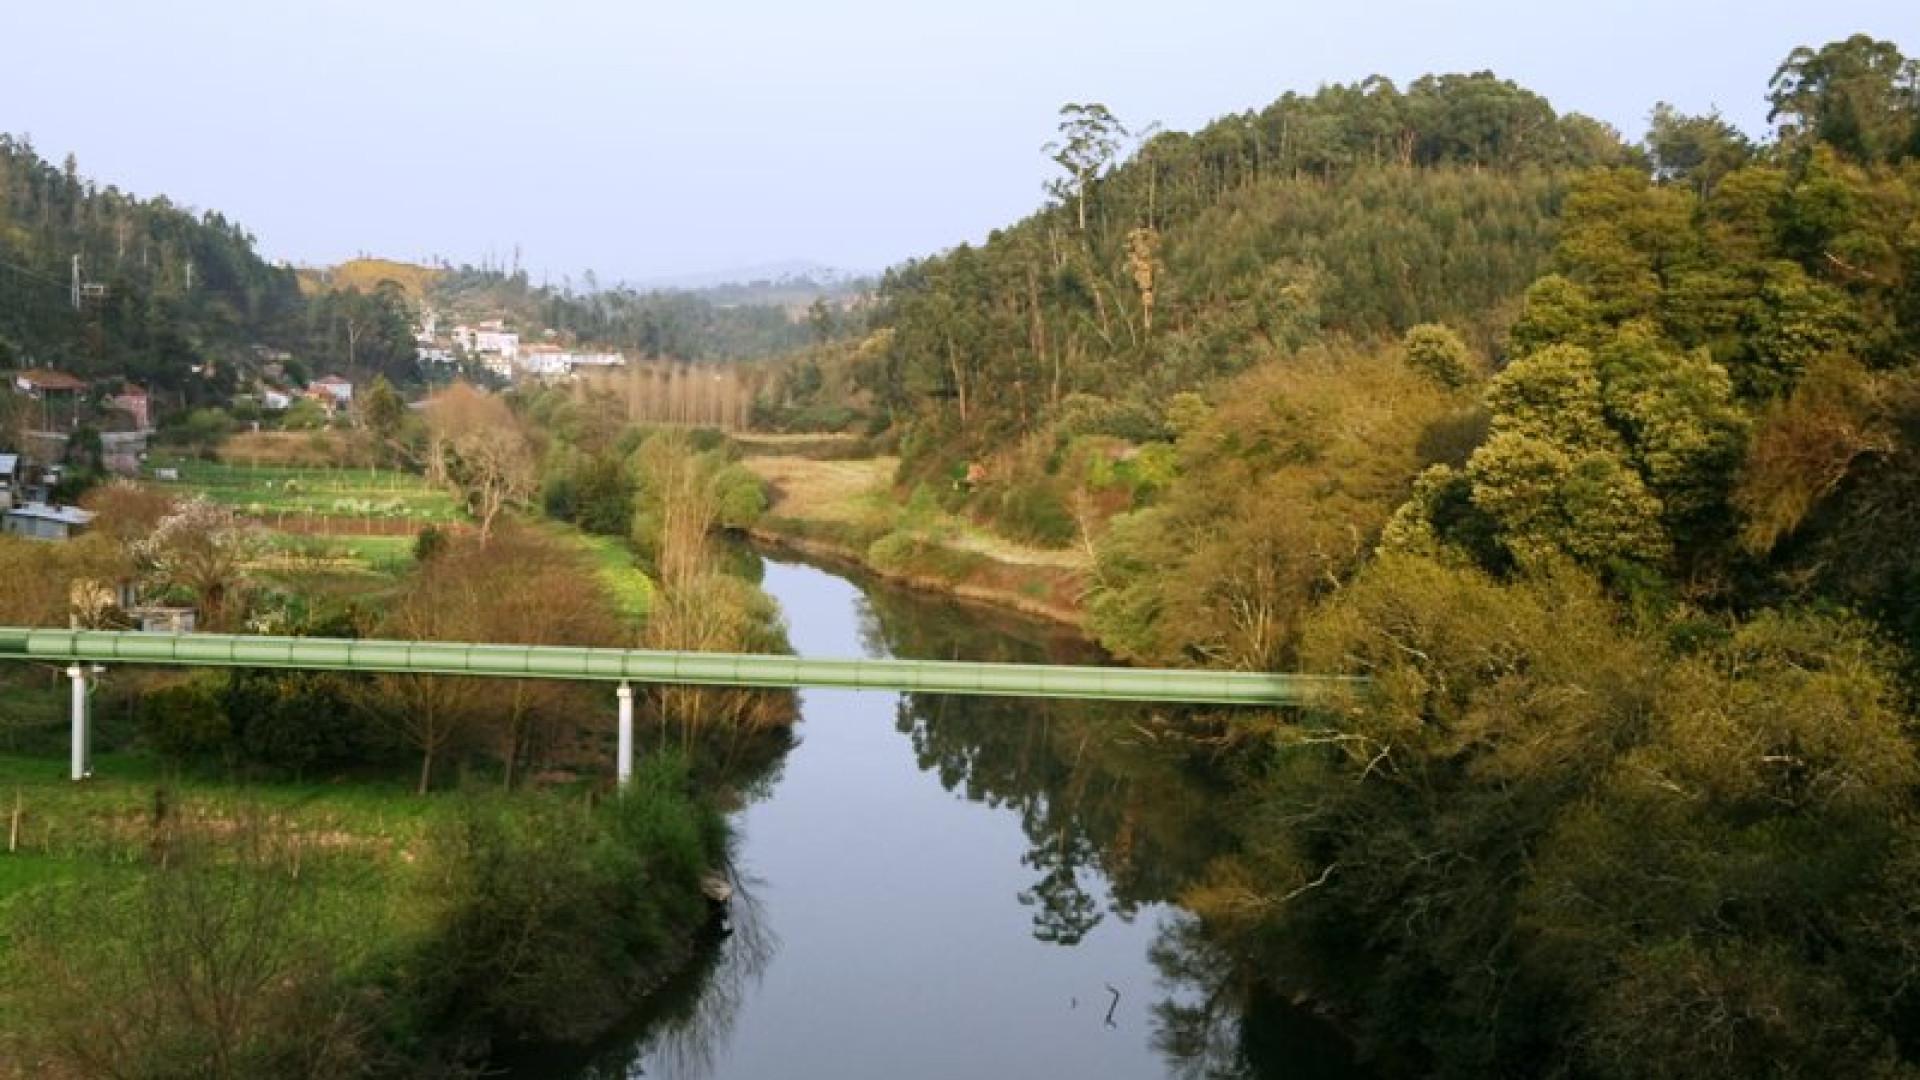 Bloco questiona Governo sobre descargas poluentes no rio Sousa